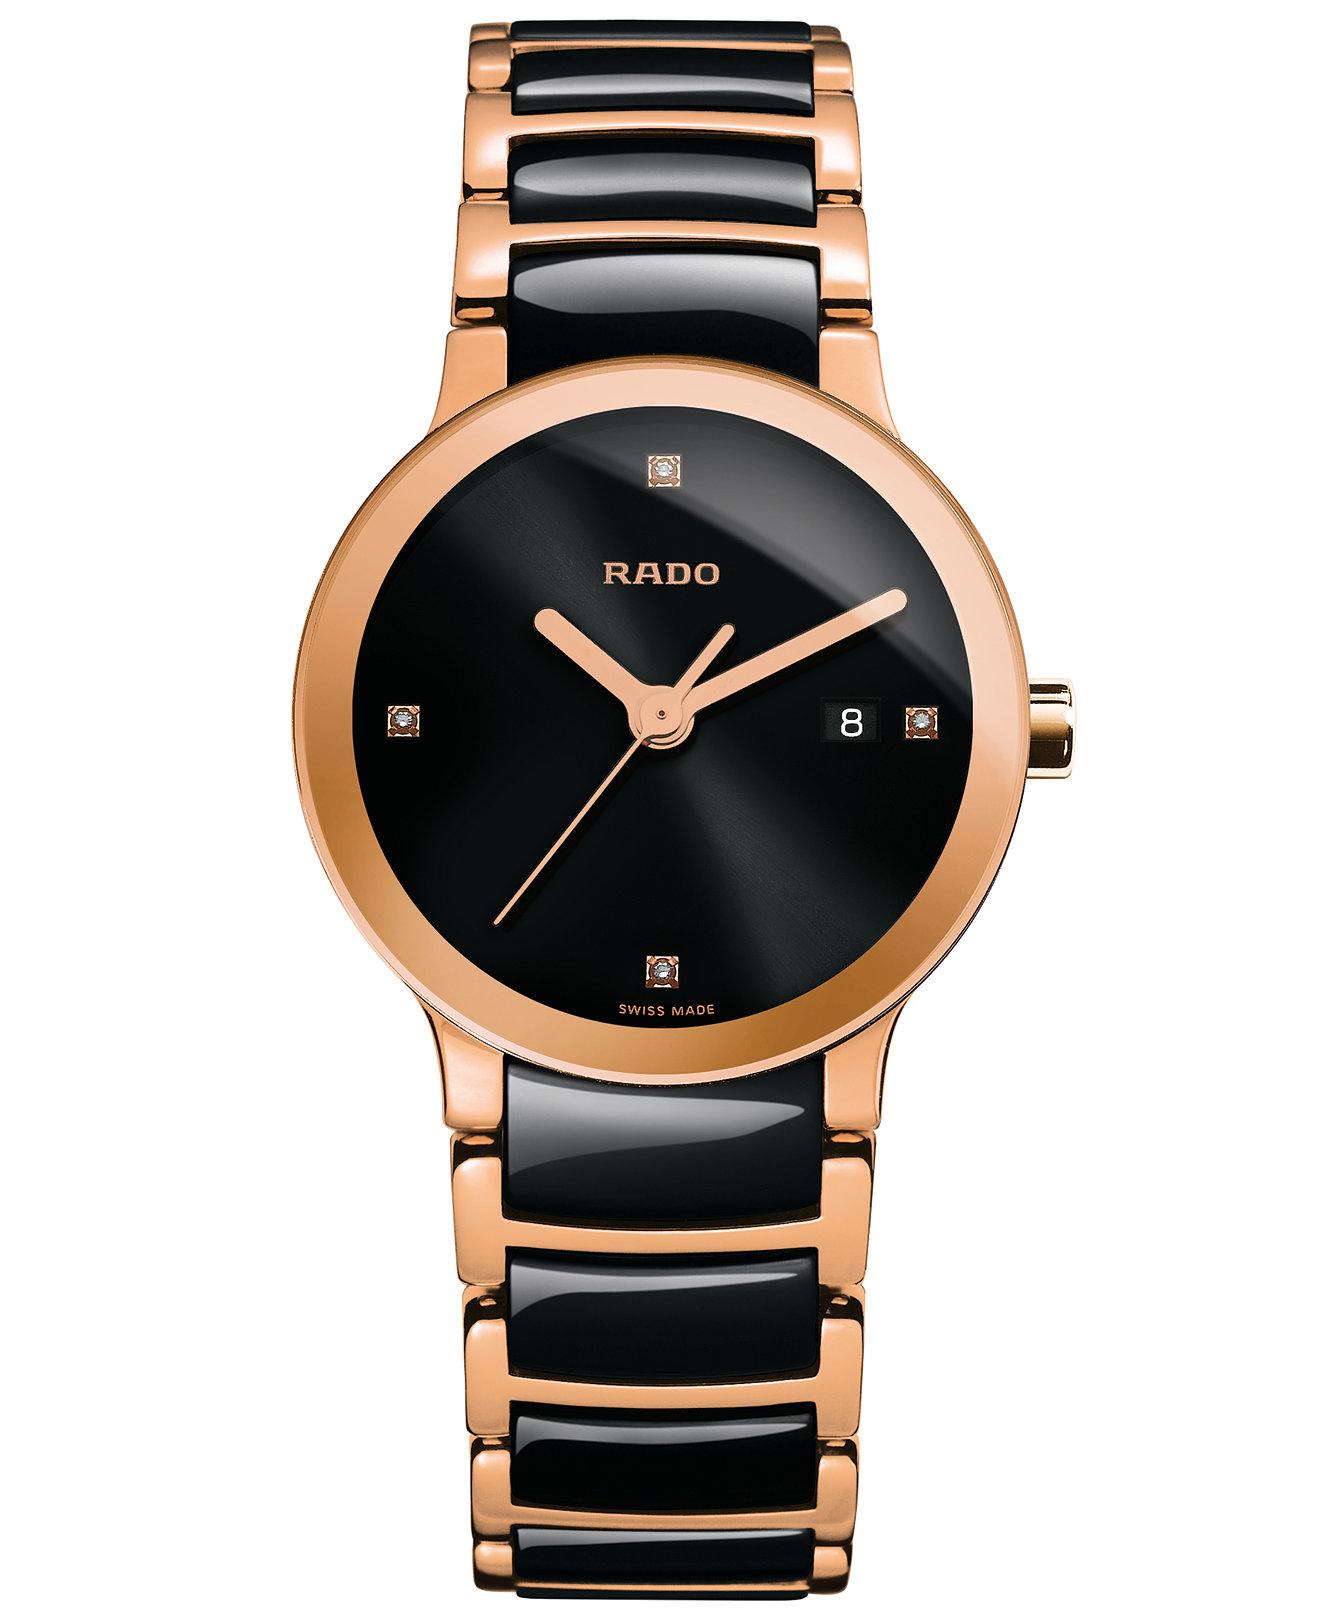 New Rado's Women's Swiss watches